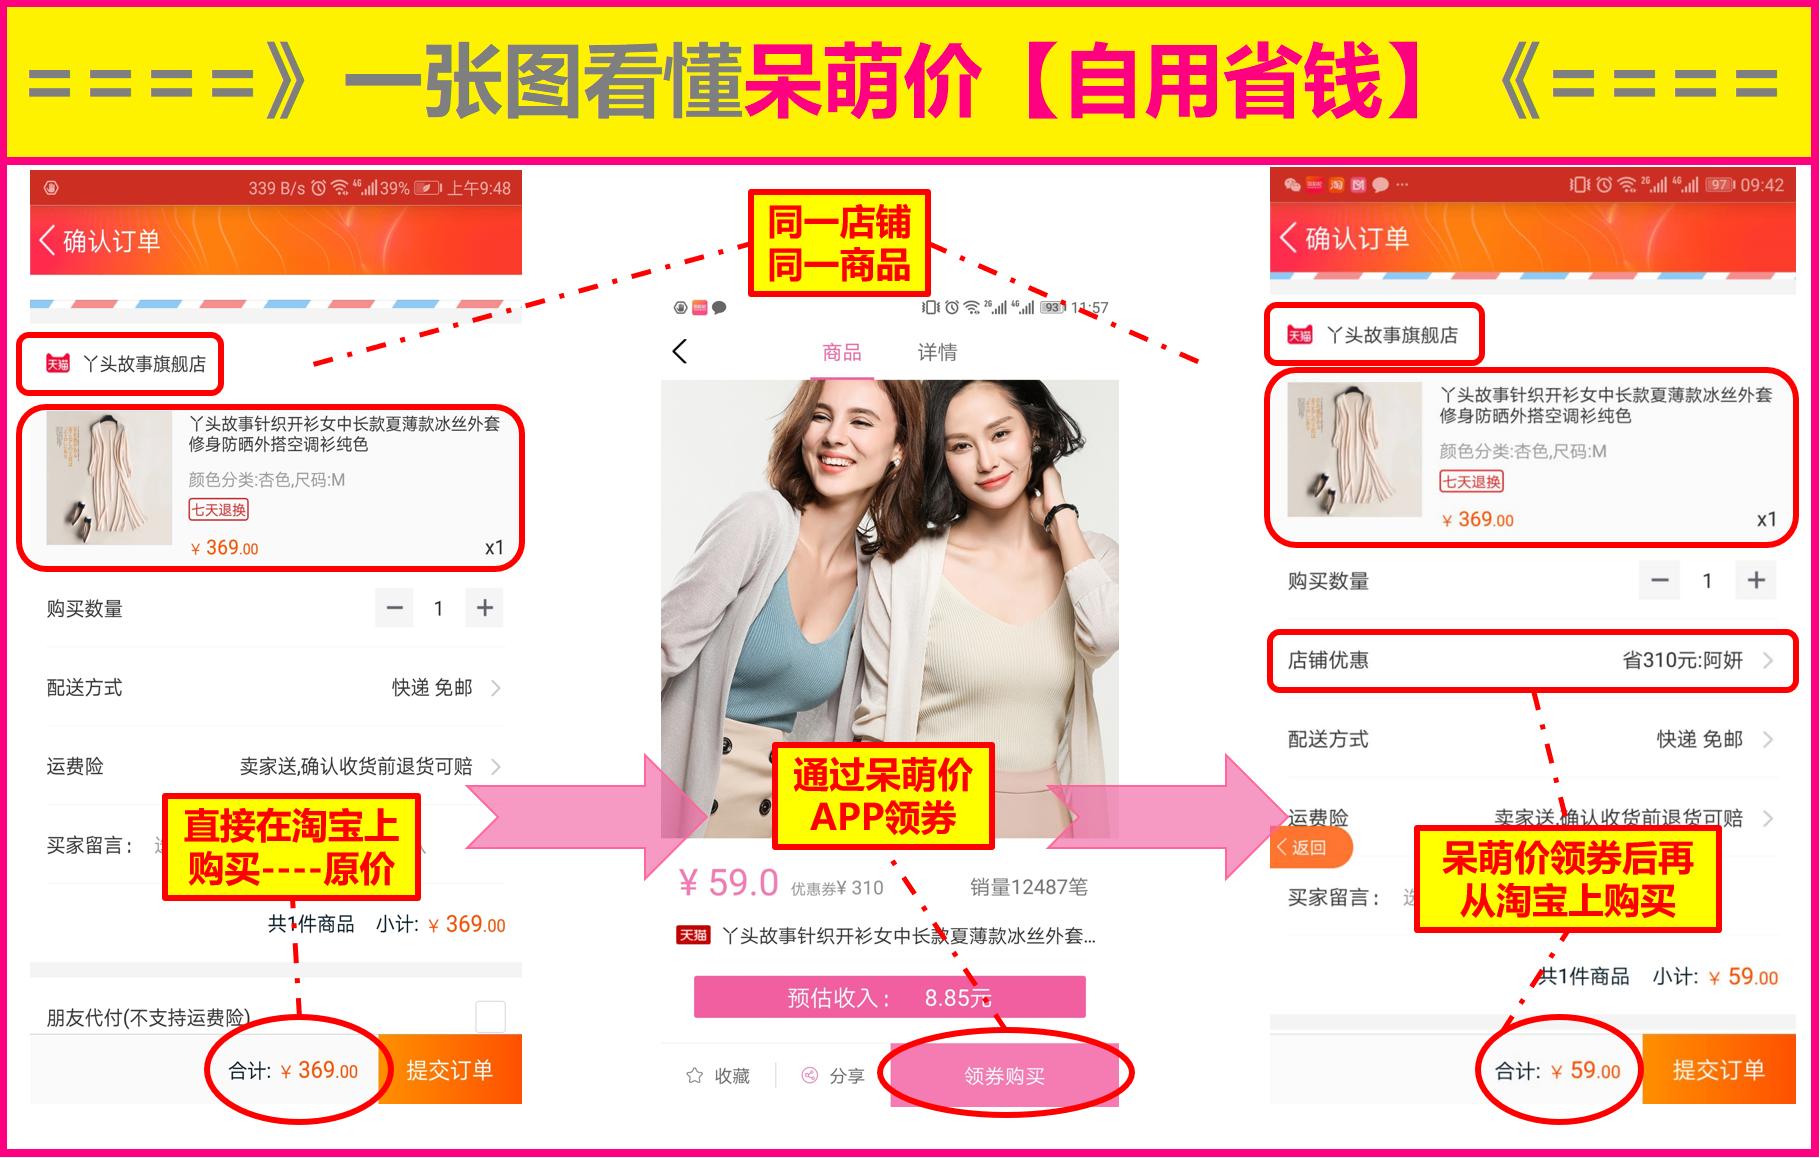 一张图看清楚贵州呆萌价APP省钱